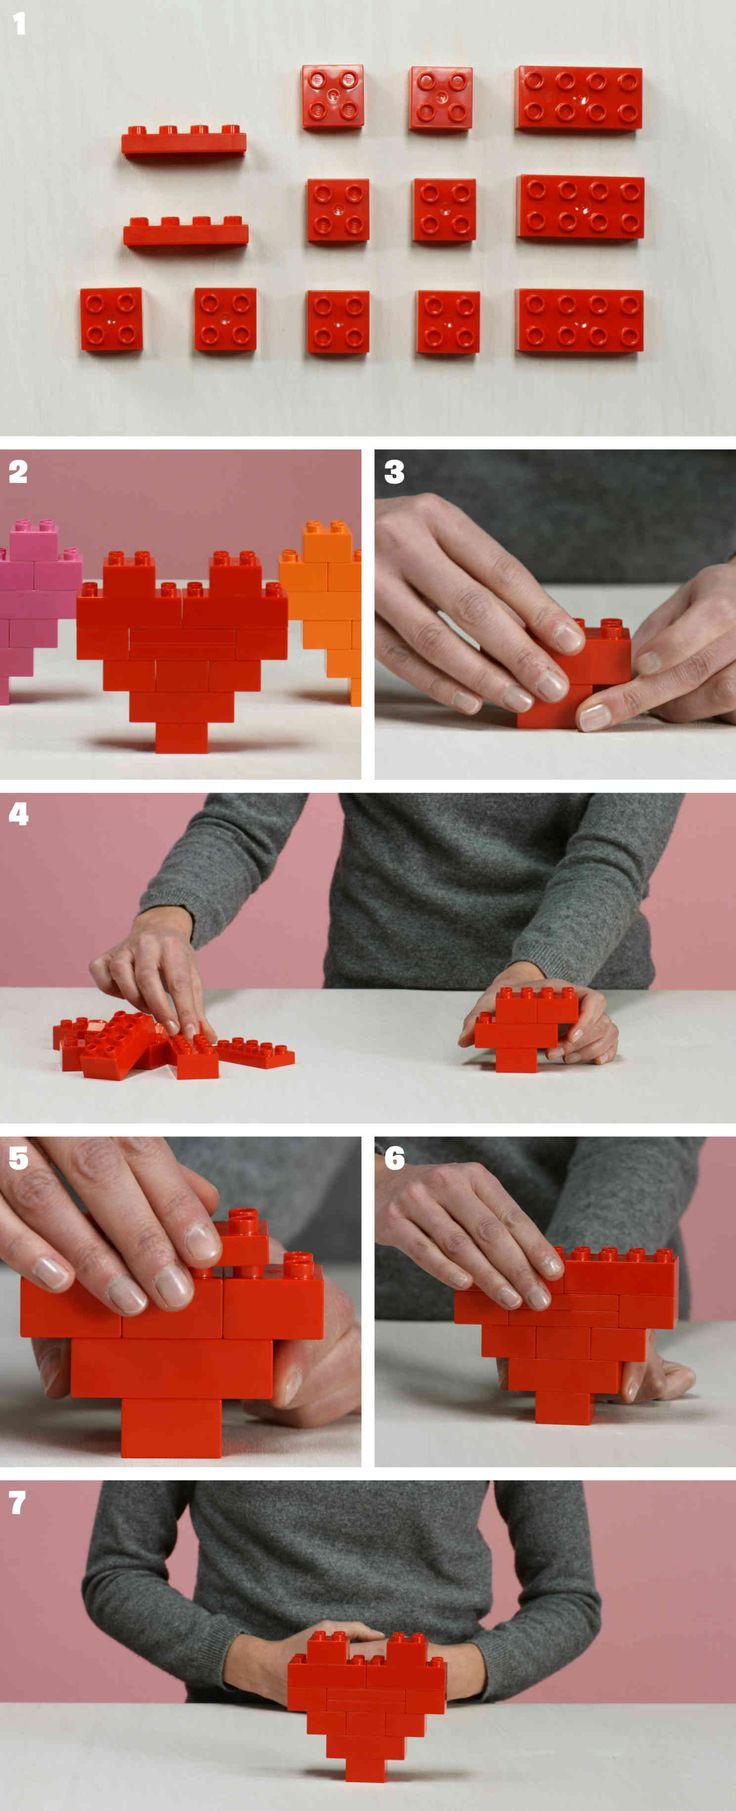 Construire un joli coeur avec des briques Lego Duplo et l'offrir à son amoureux...